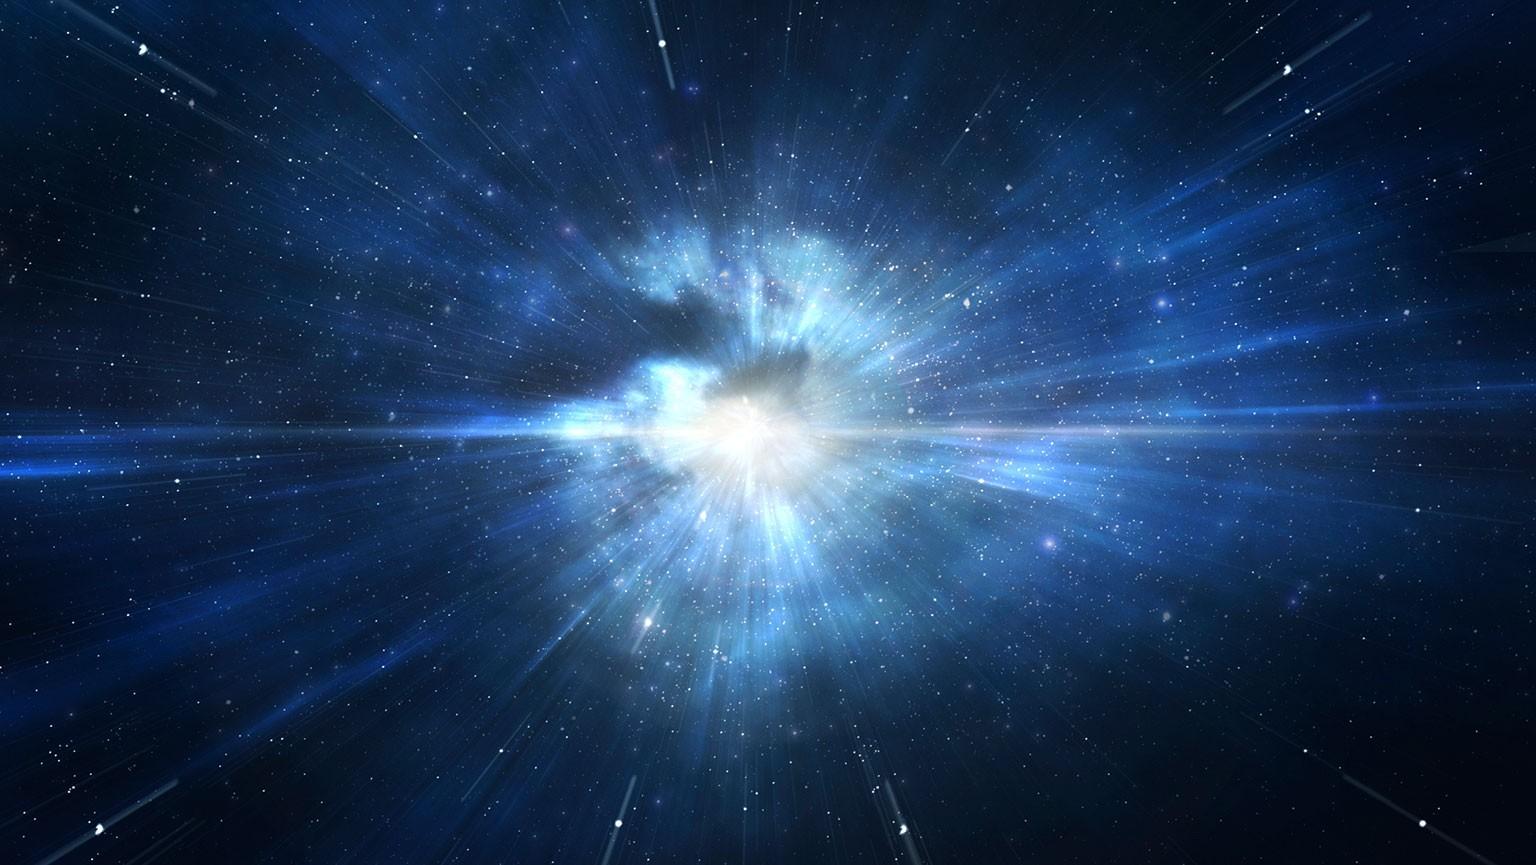 НаЗемле будет виден взрыв отсамого рождения сверхновой звезды